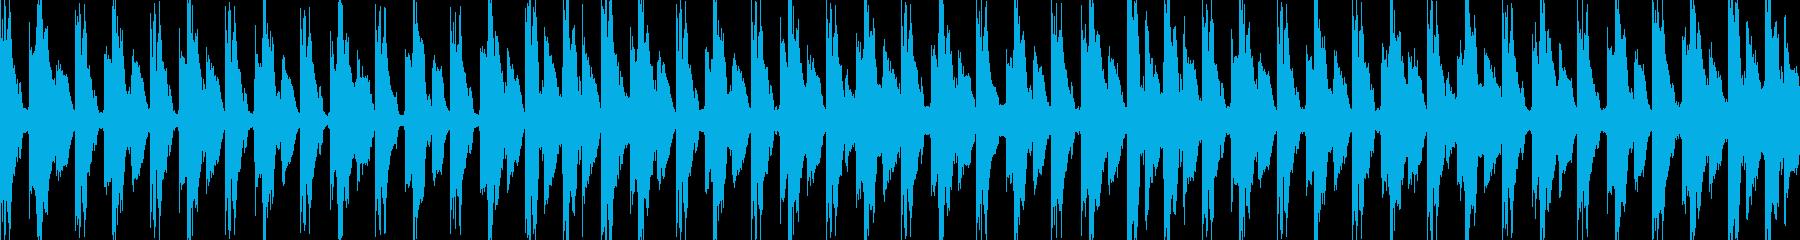 チャートポップ、ハウス/テクノ、ダ...の再生済みの波形